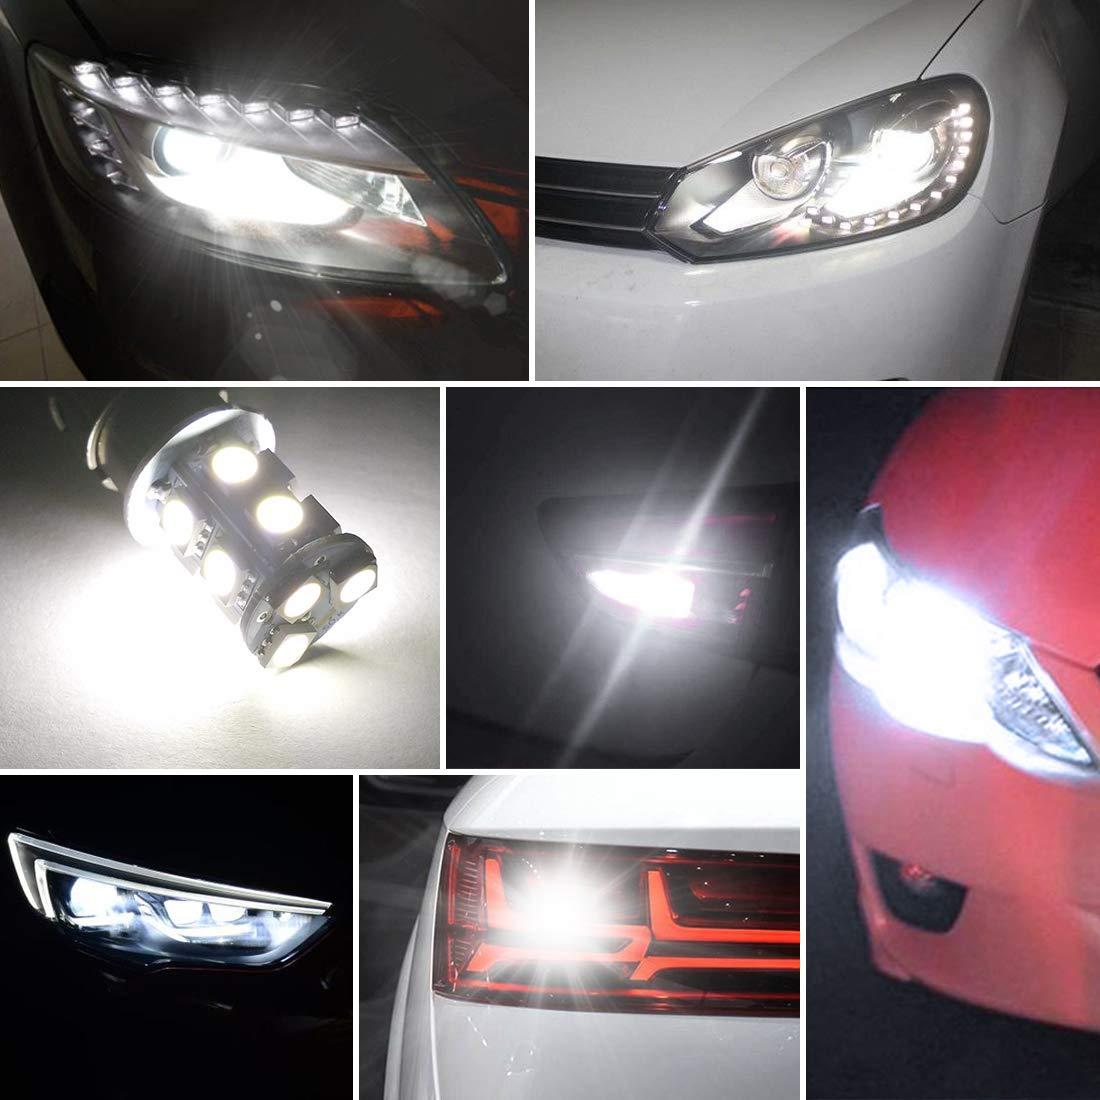 10 Pack 4800K White LED Lamp for RV Trailer Camper Interior Signal Light AUTOSAVER88 1156 LED Light Bulbs